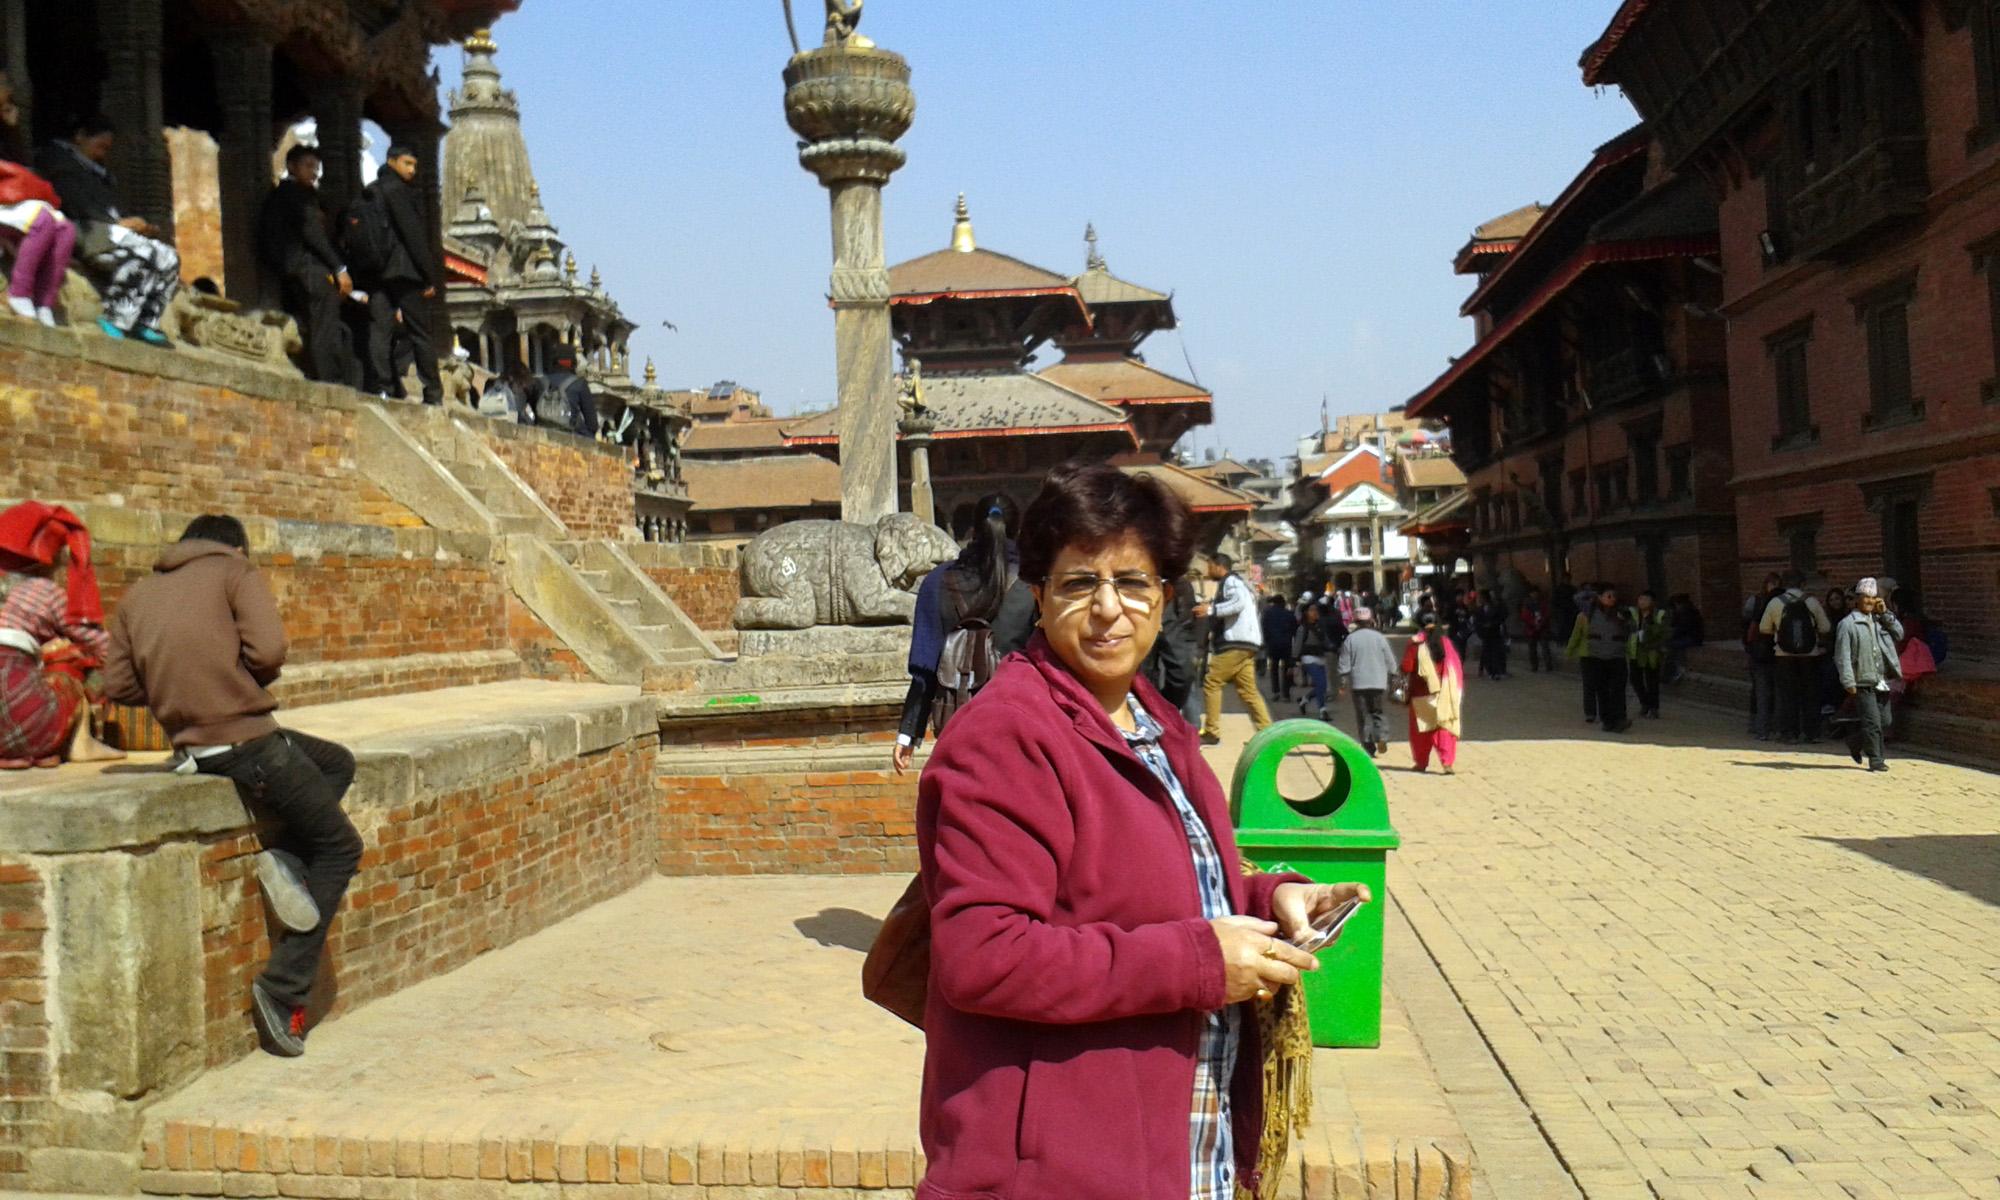 Photo was taken at patan Darbar in kathmandu, nepal in Feb 2015